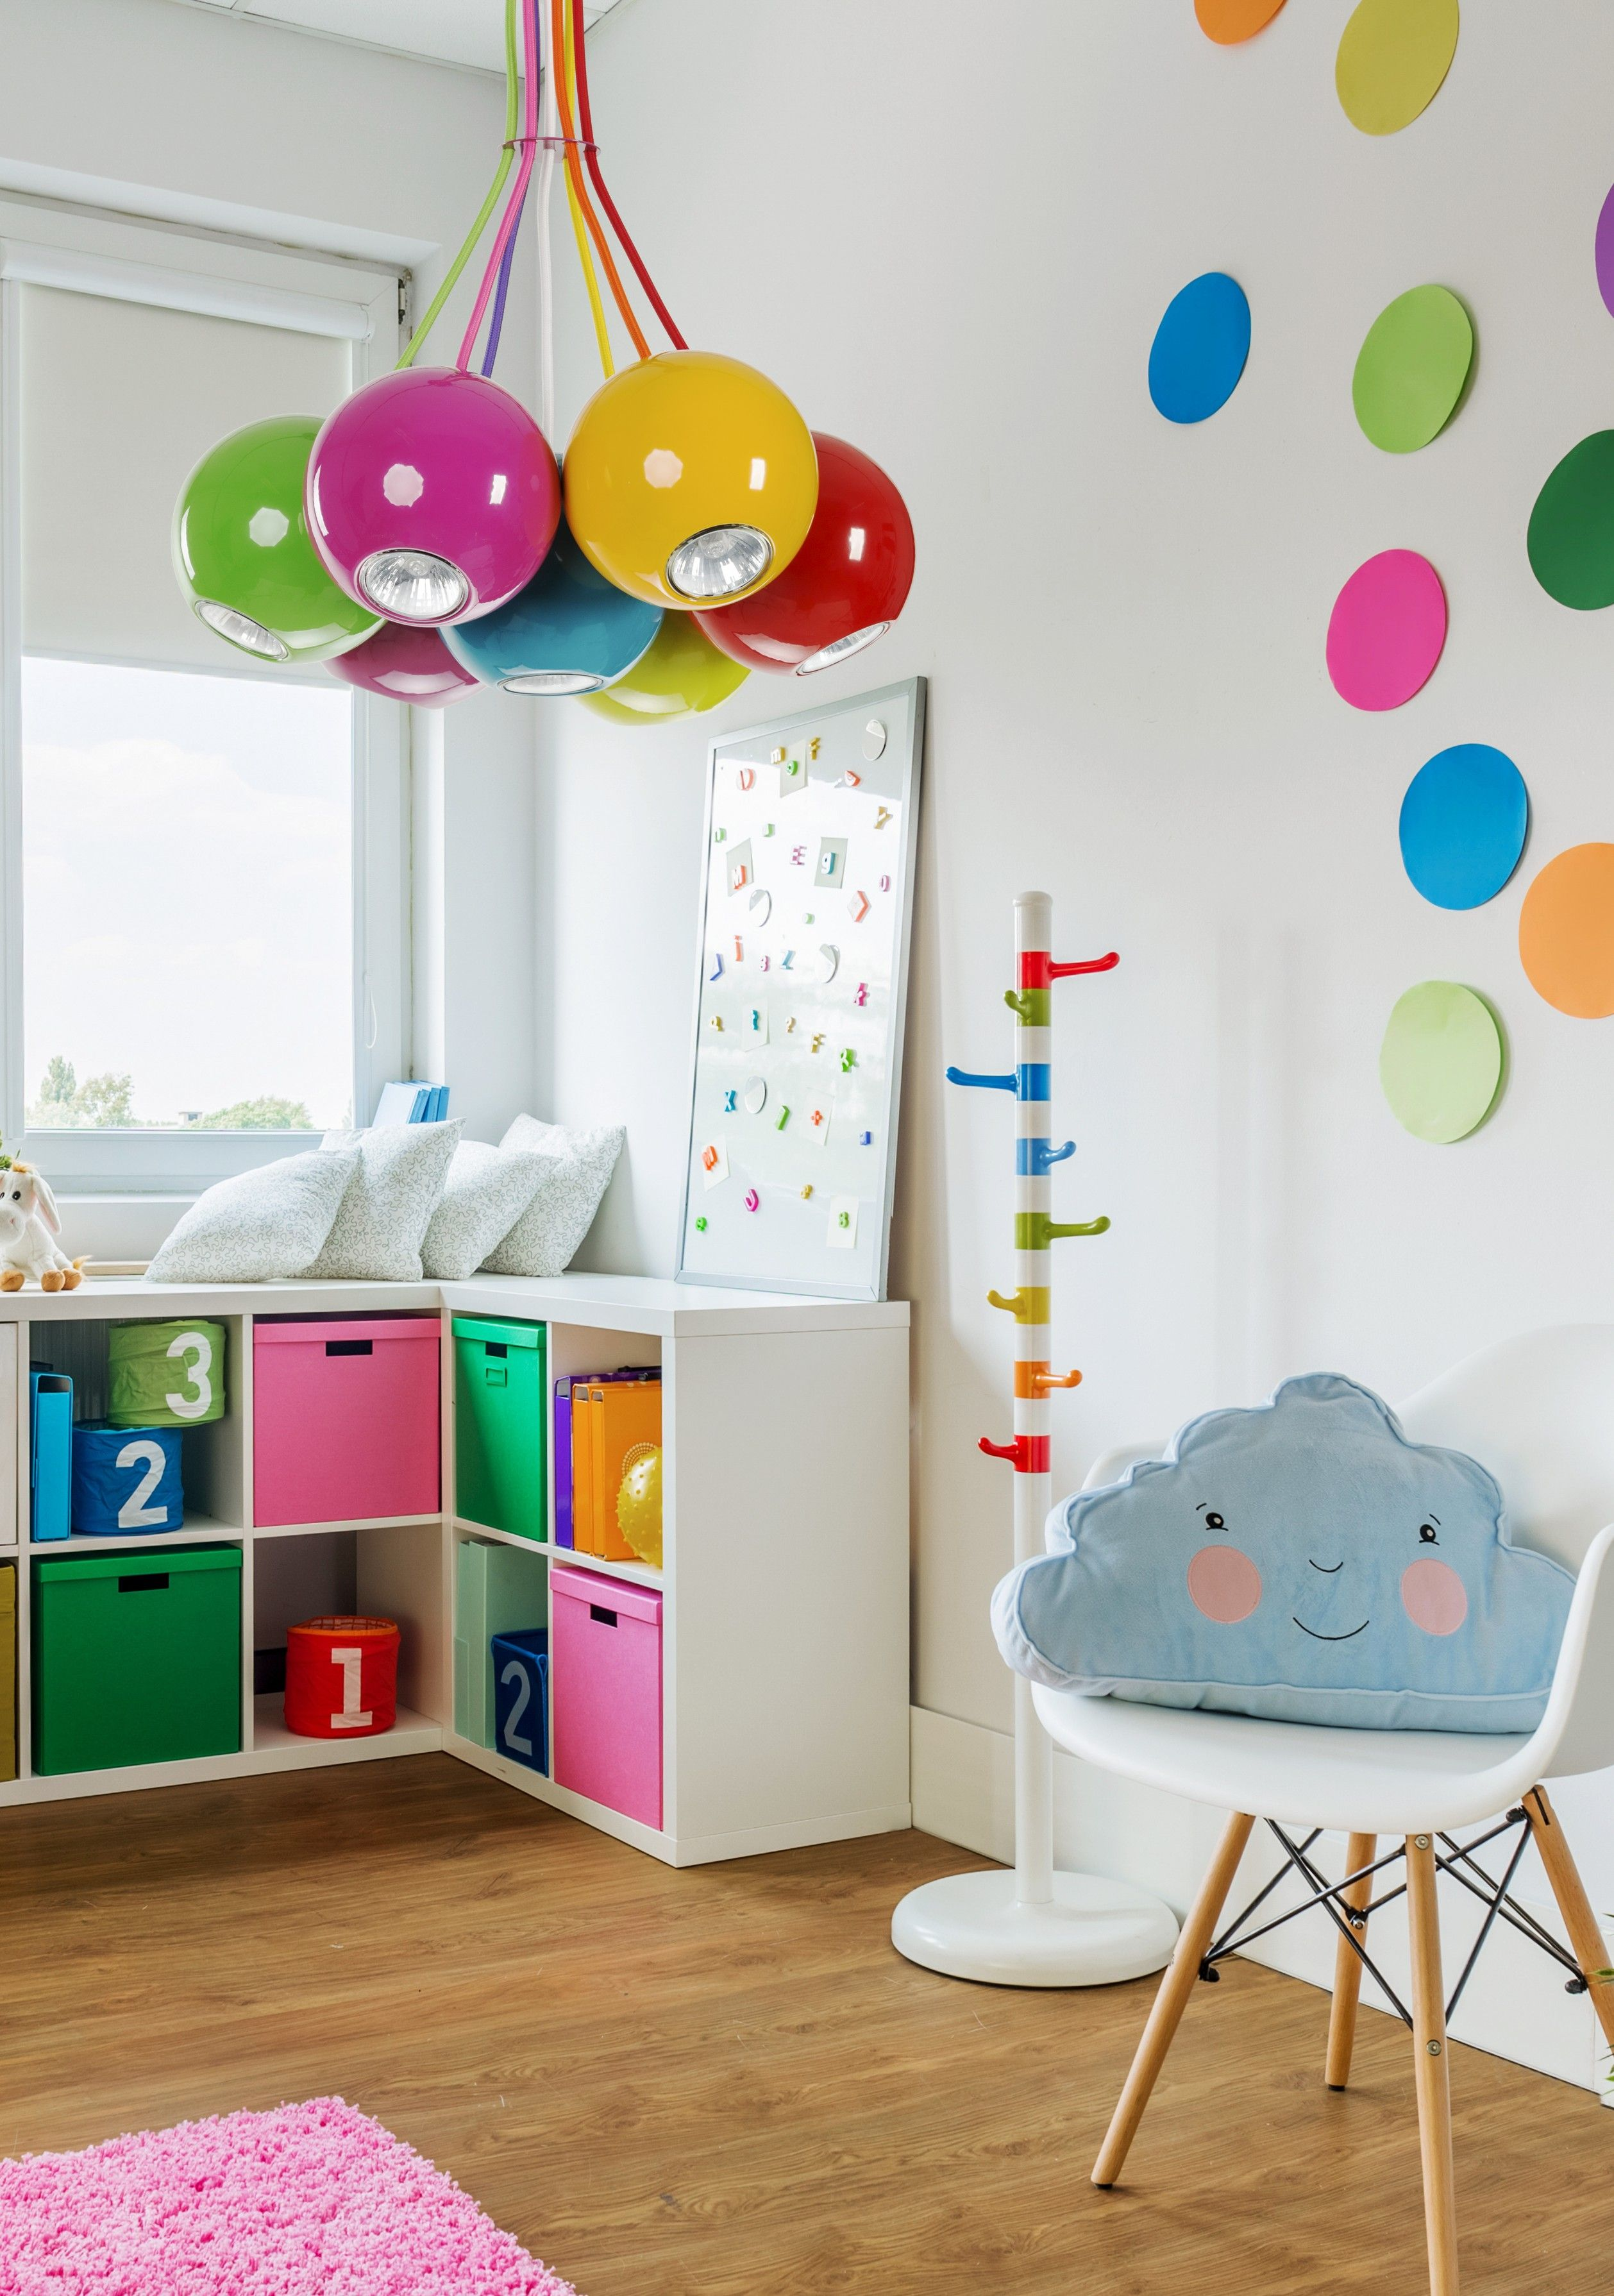 Bunte Kinderzimmerleuchte Ein Echter Blickfang Im Kinderzimmer Kinderzimmer Kinderzimmer Ideen Kinderzimmerbele Hangeleuchte Kinder Zimmer Pendellampen